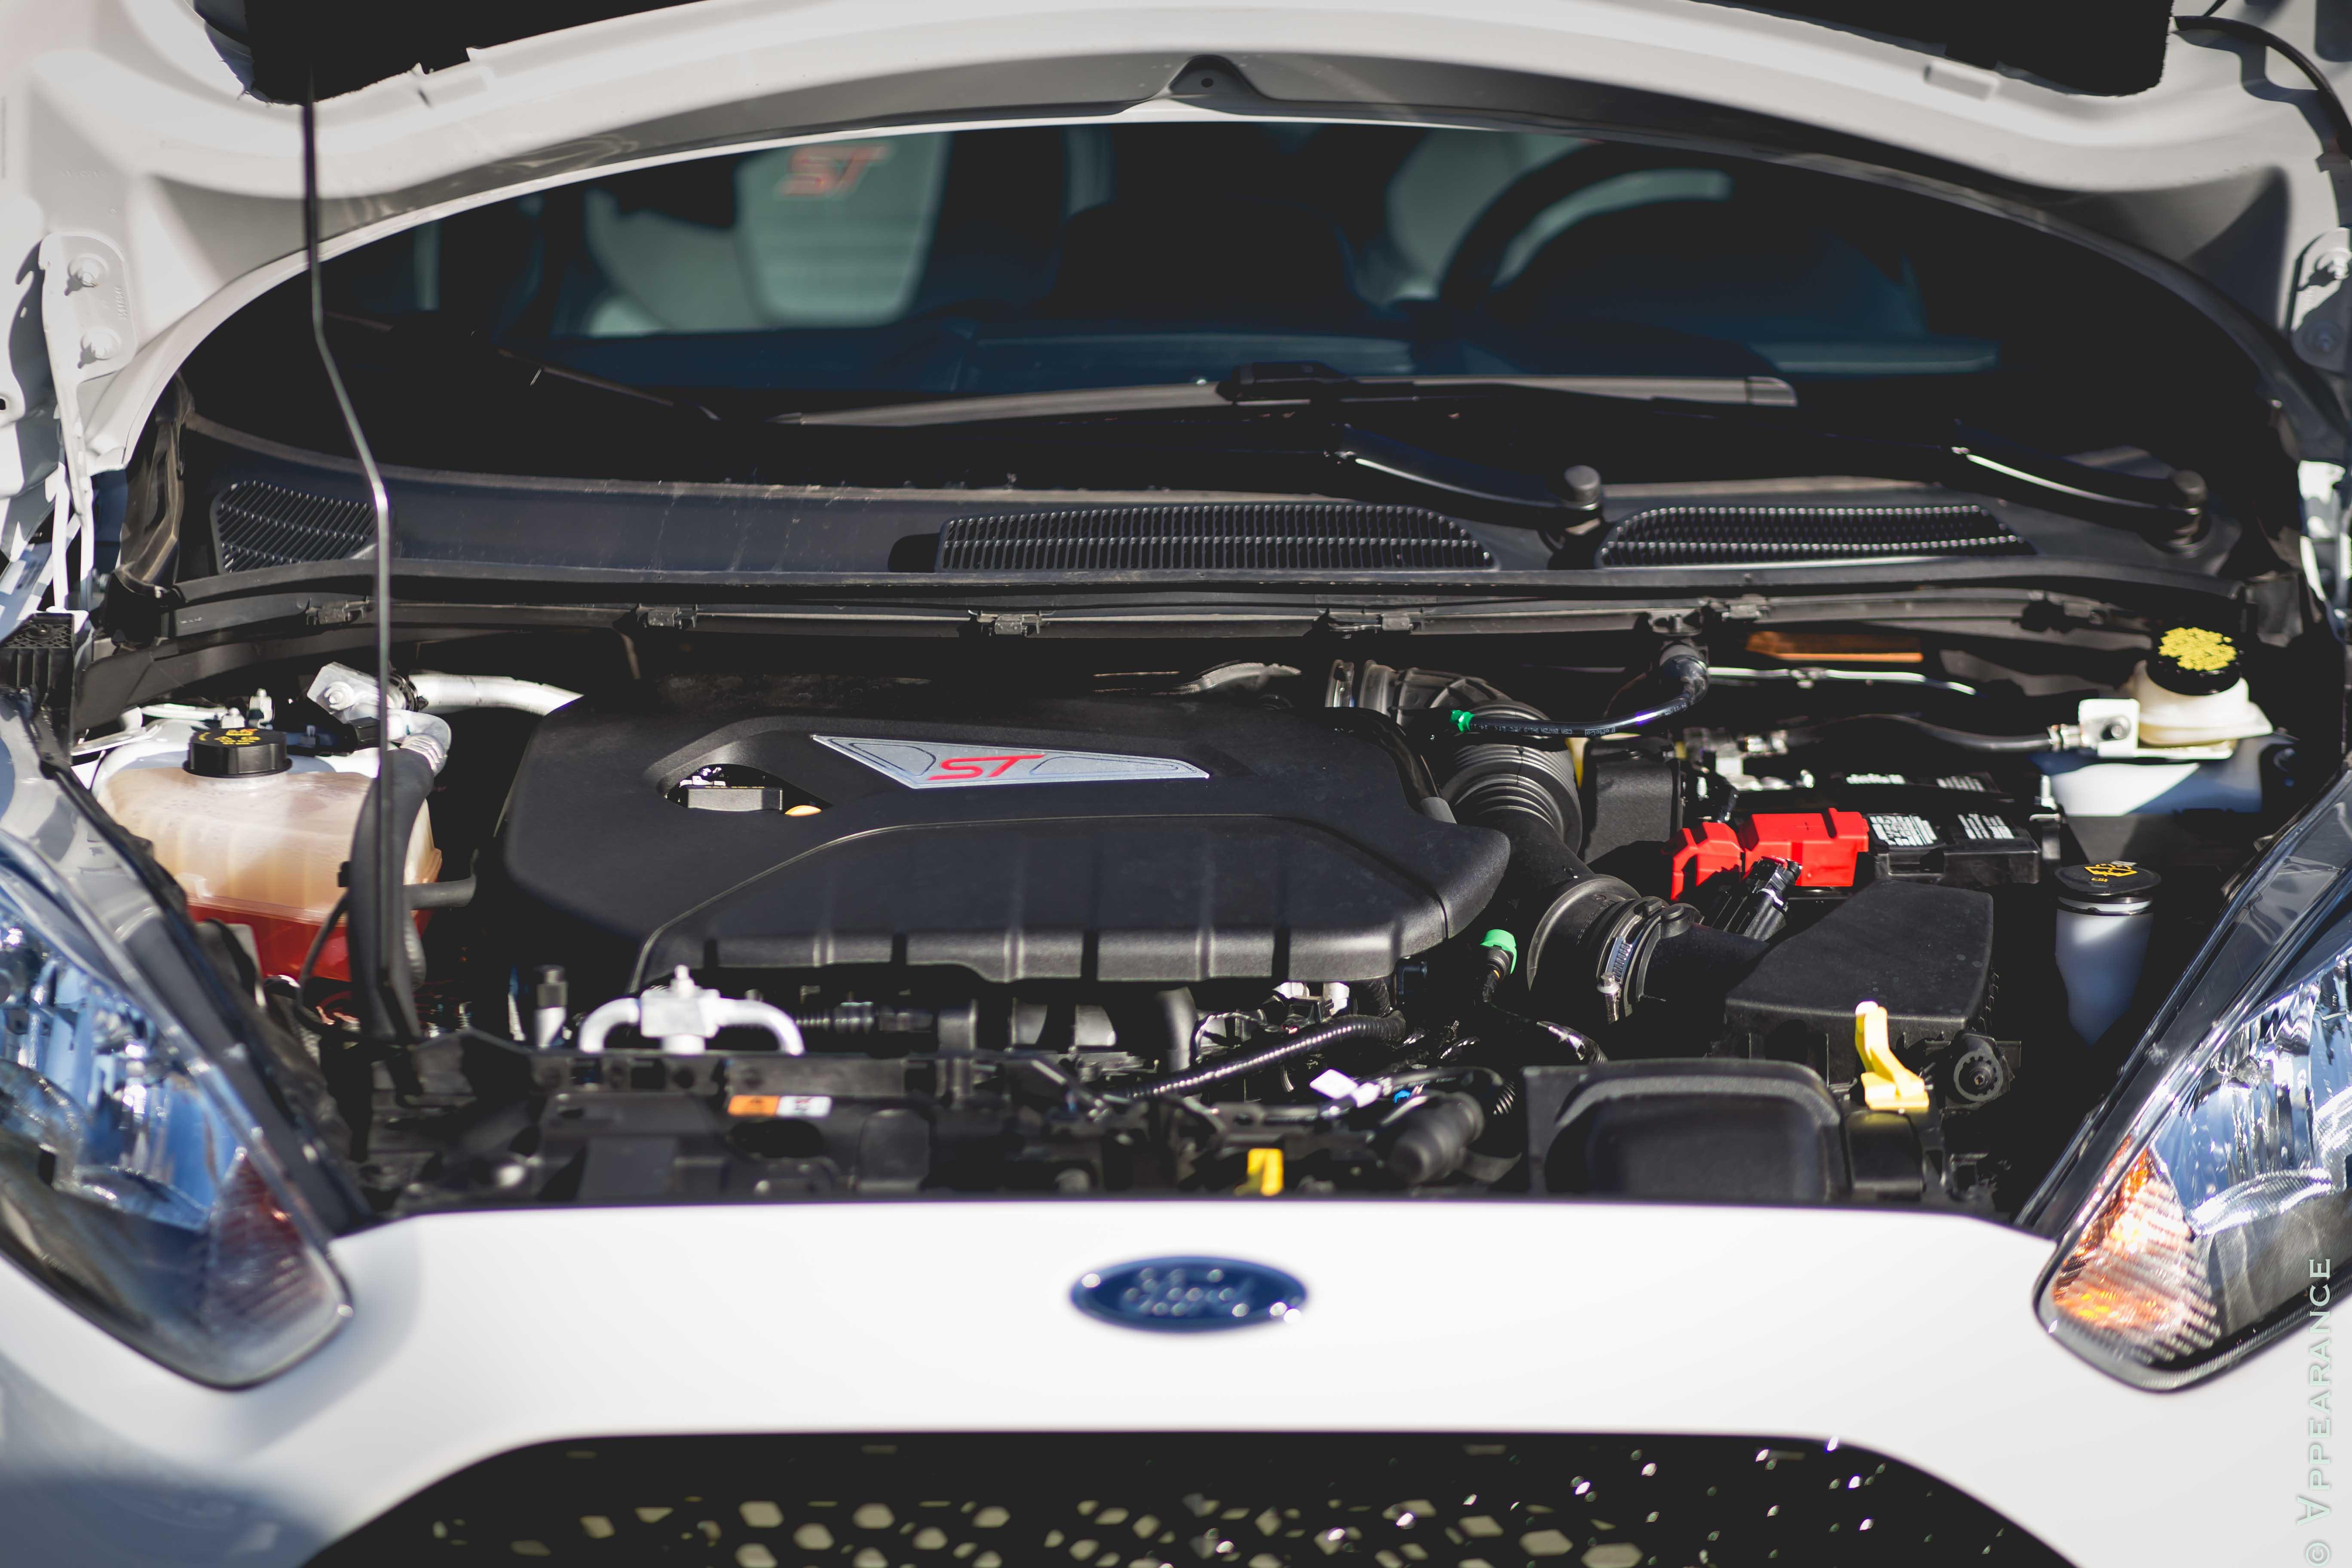 2016 Ford Fiesta St Engine